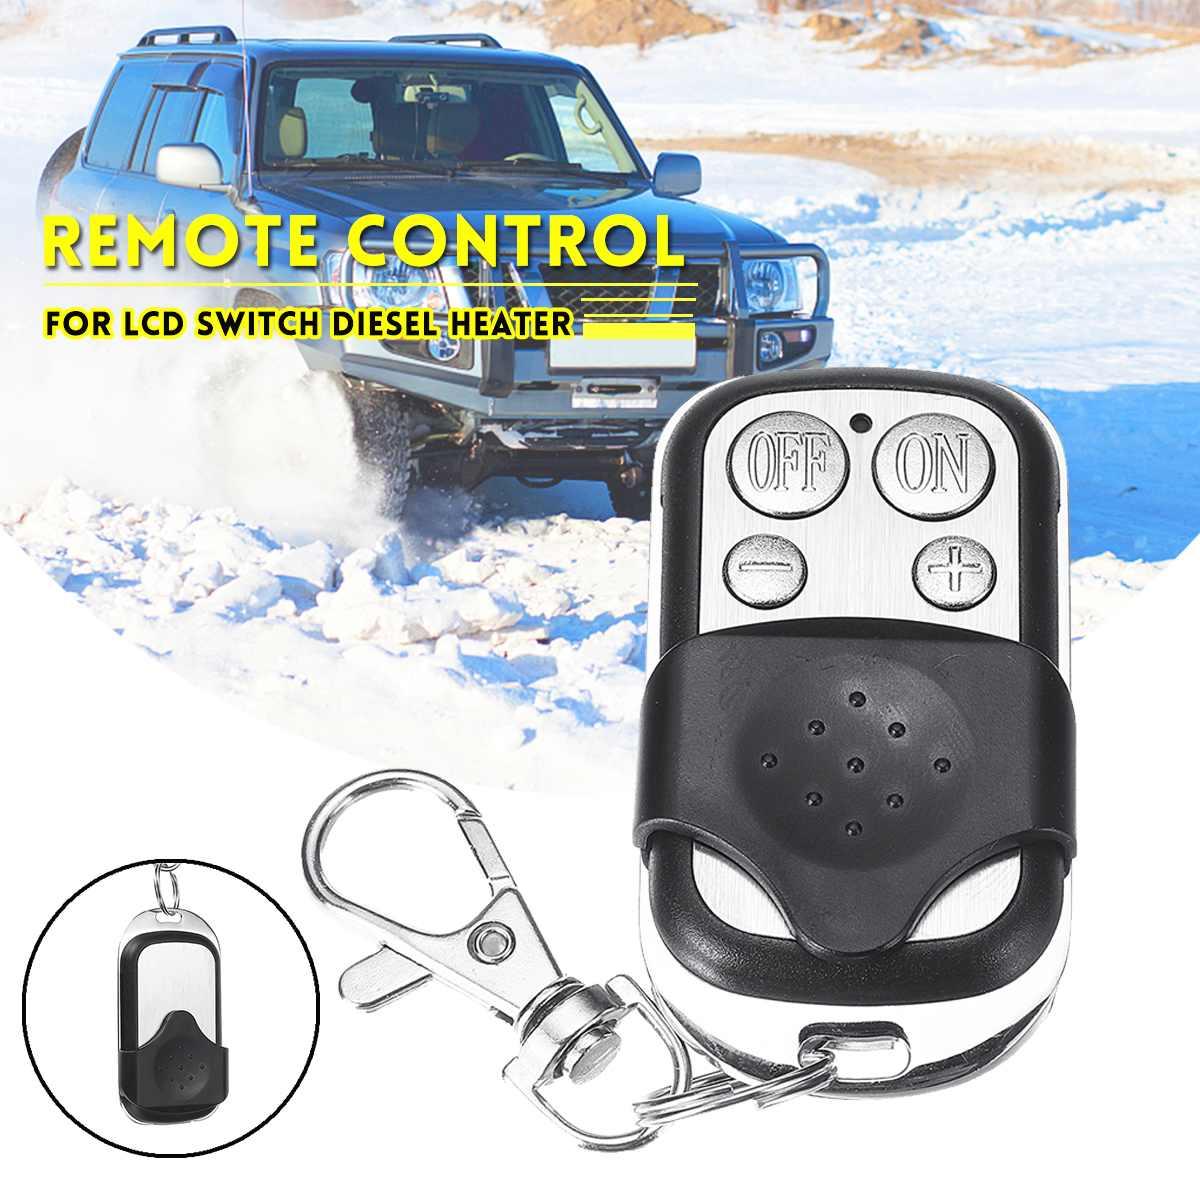 12В/24В ЖК-монитор переключатель + пульт дистанционного управления аксессуары для автомобильного трека дизелей воздушный обогреватель парковочный обогреватель